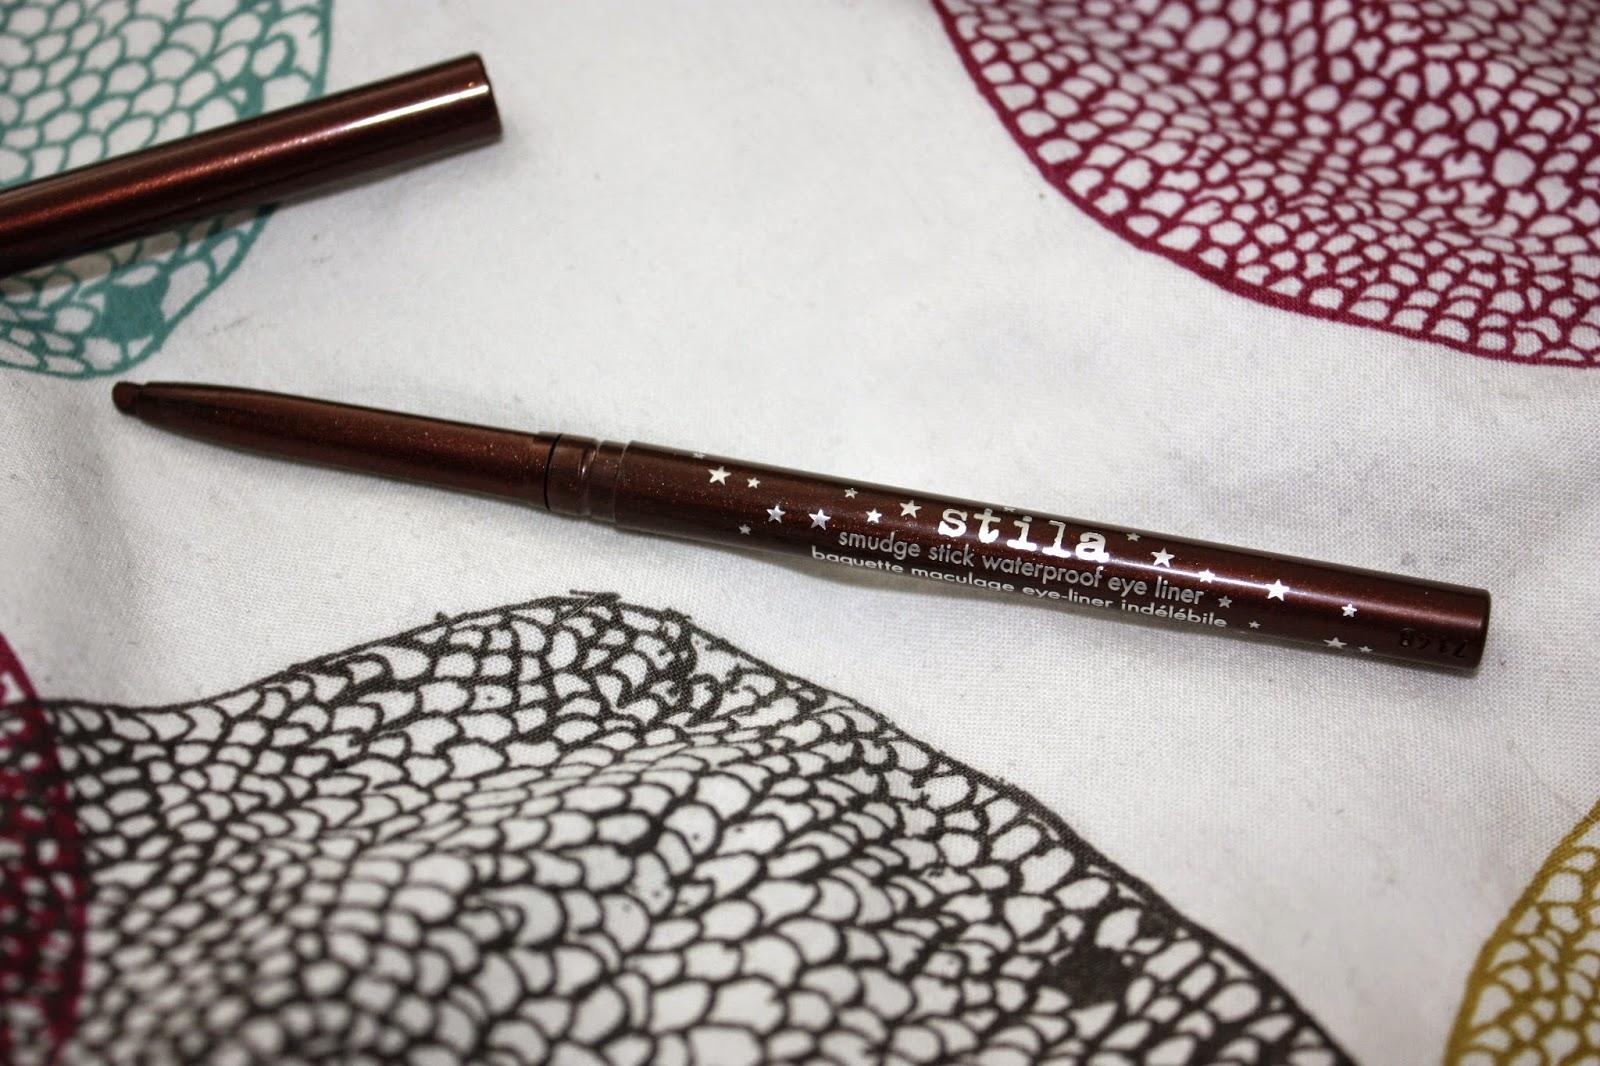 stila smudgestick eyeliner, lionfish, brown pencil